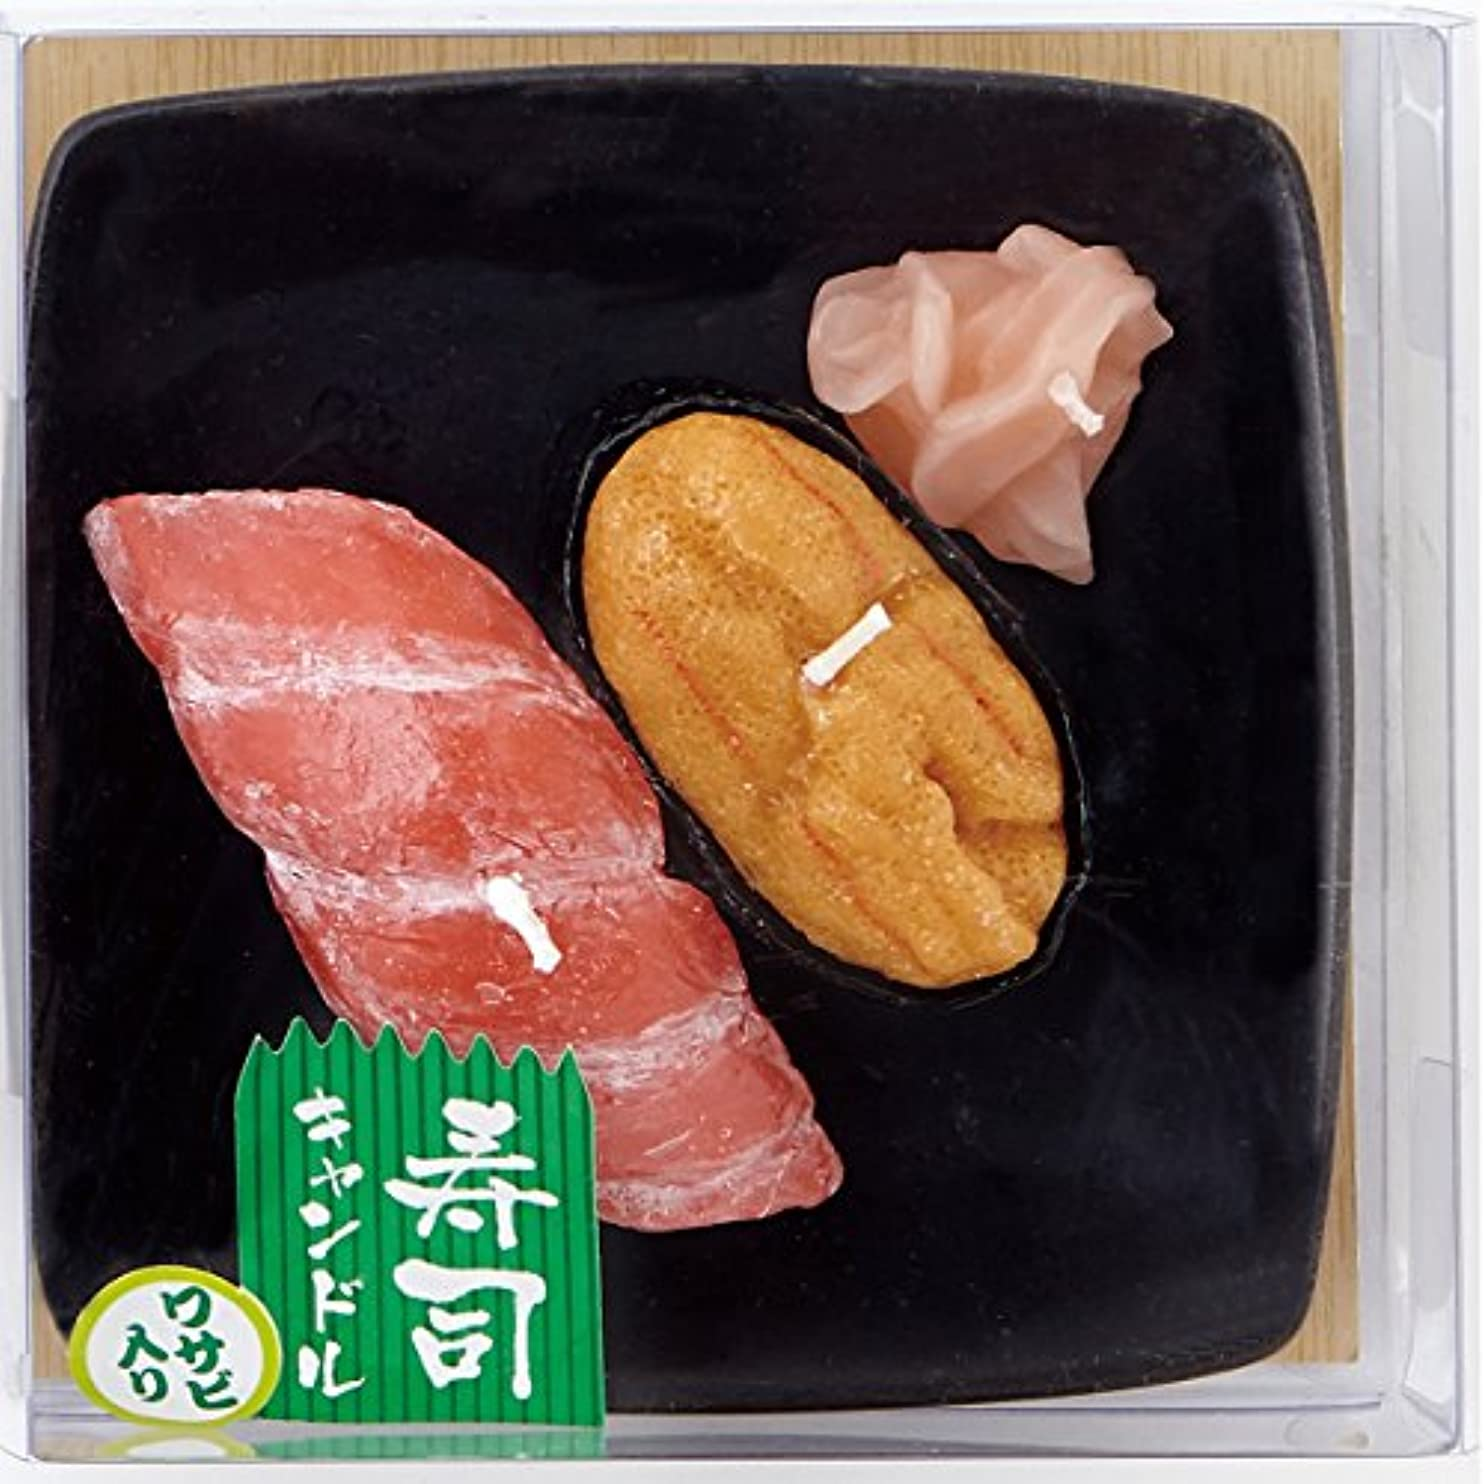 恩恵ポンド透ける寿司キャンドル C(ウニ?大トロ) サビ入